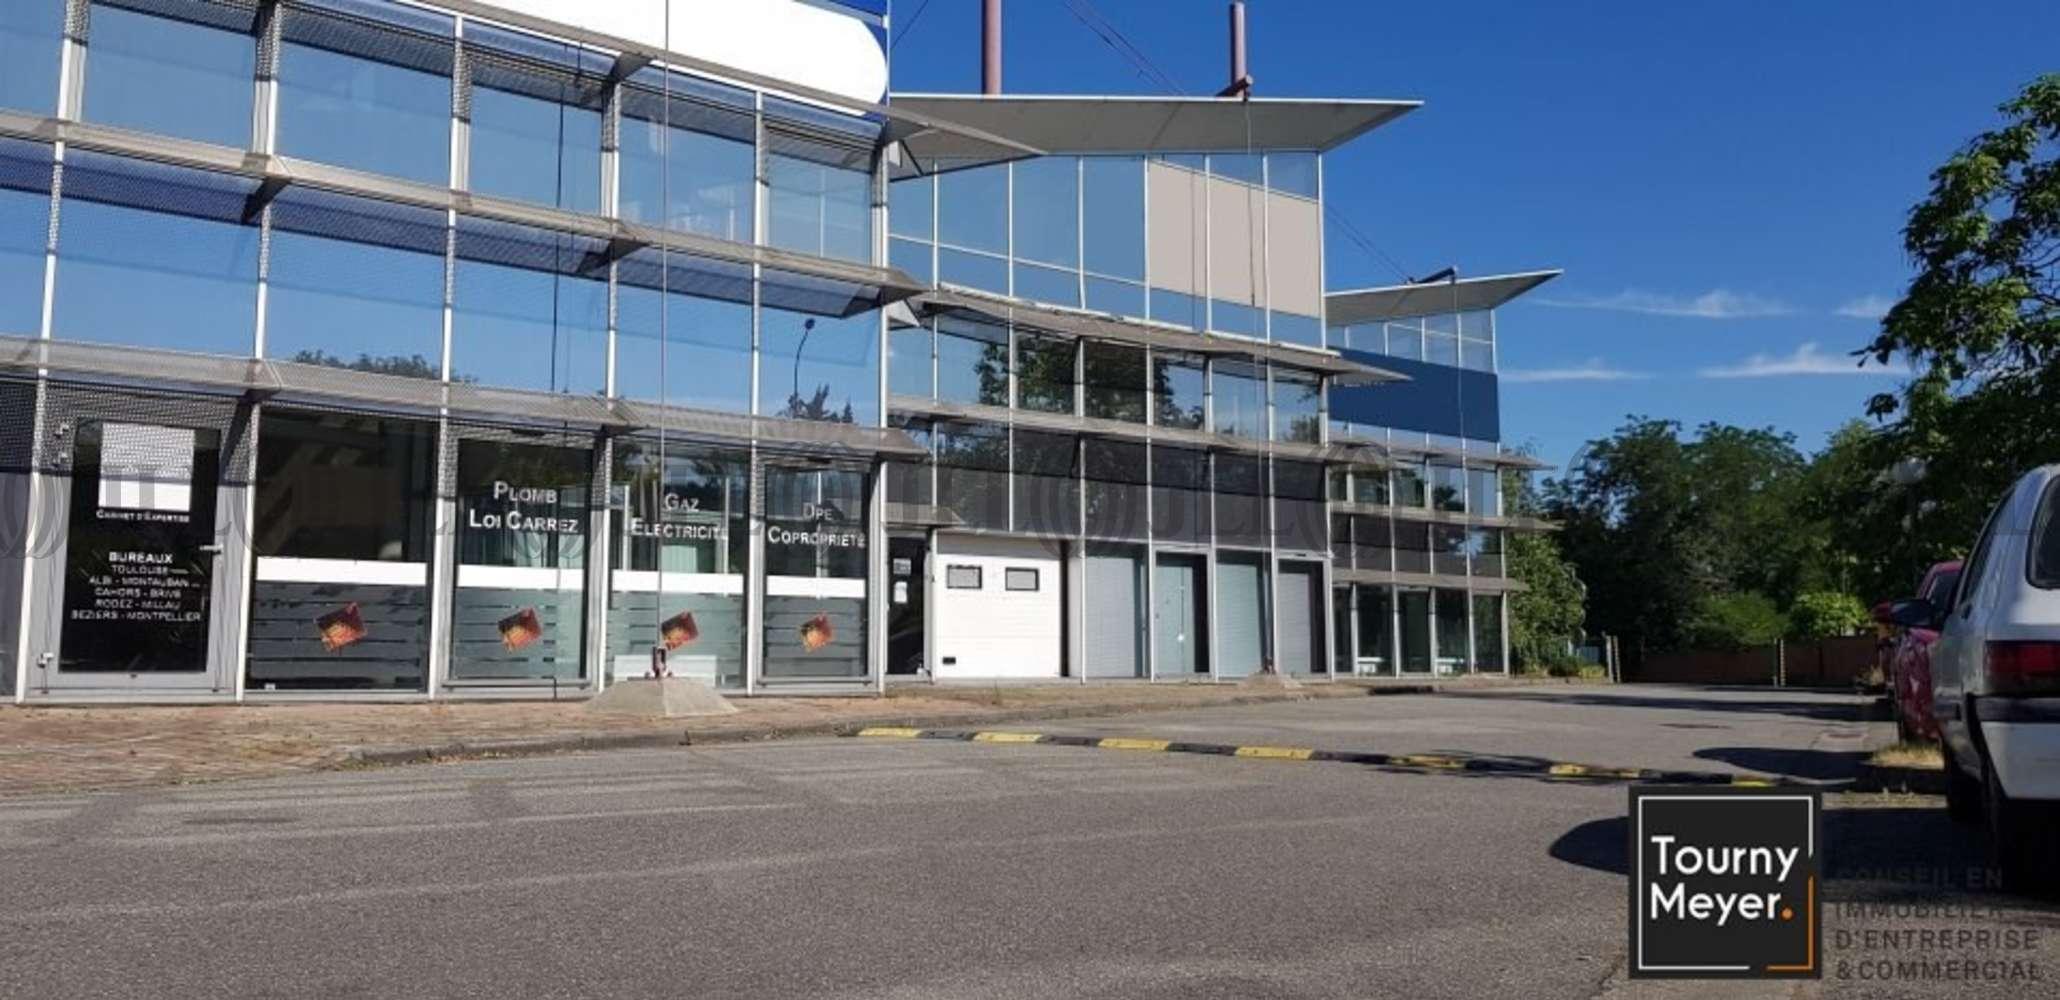 Activités/entrepôt Toulouse, 31200 - 26 CHEMIN DE LA GLACIERE - 10765359